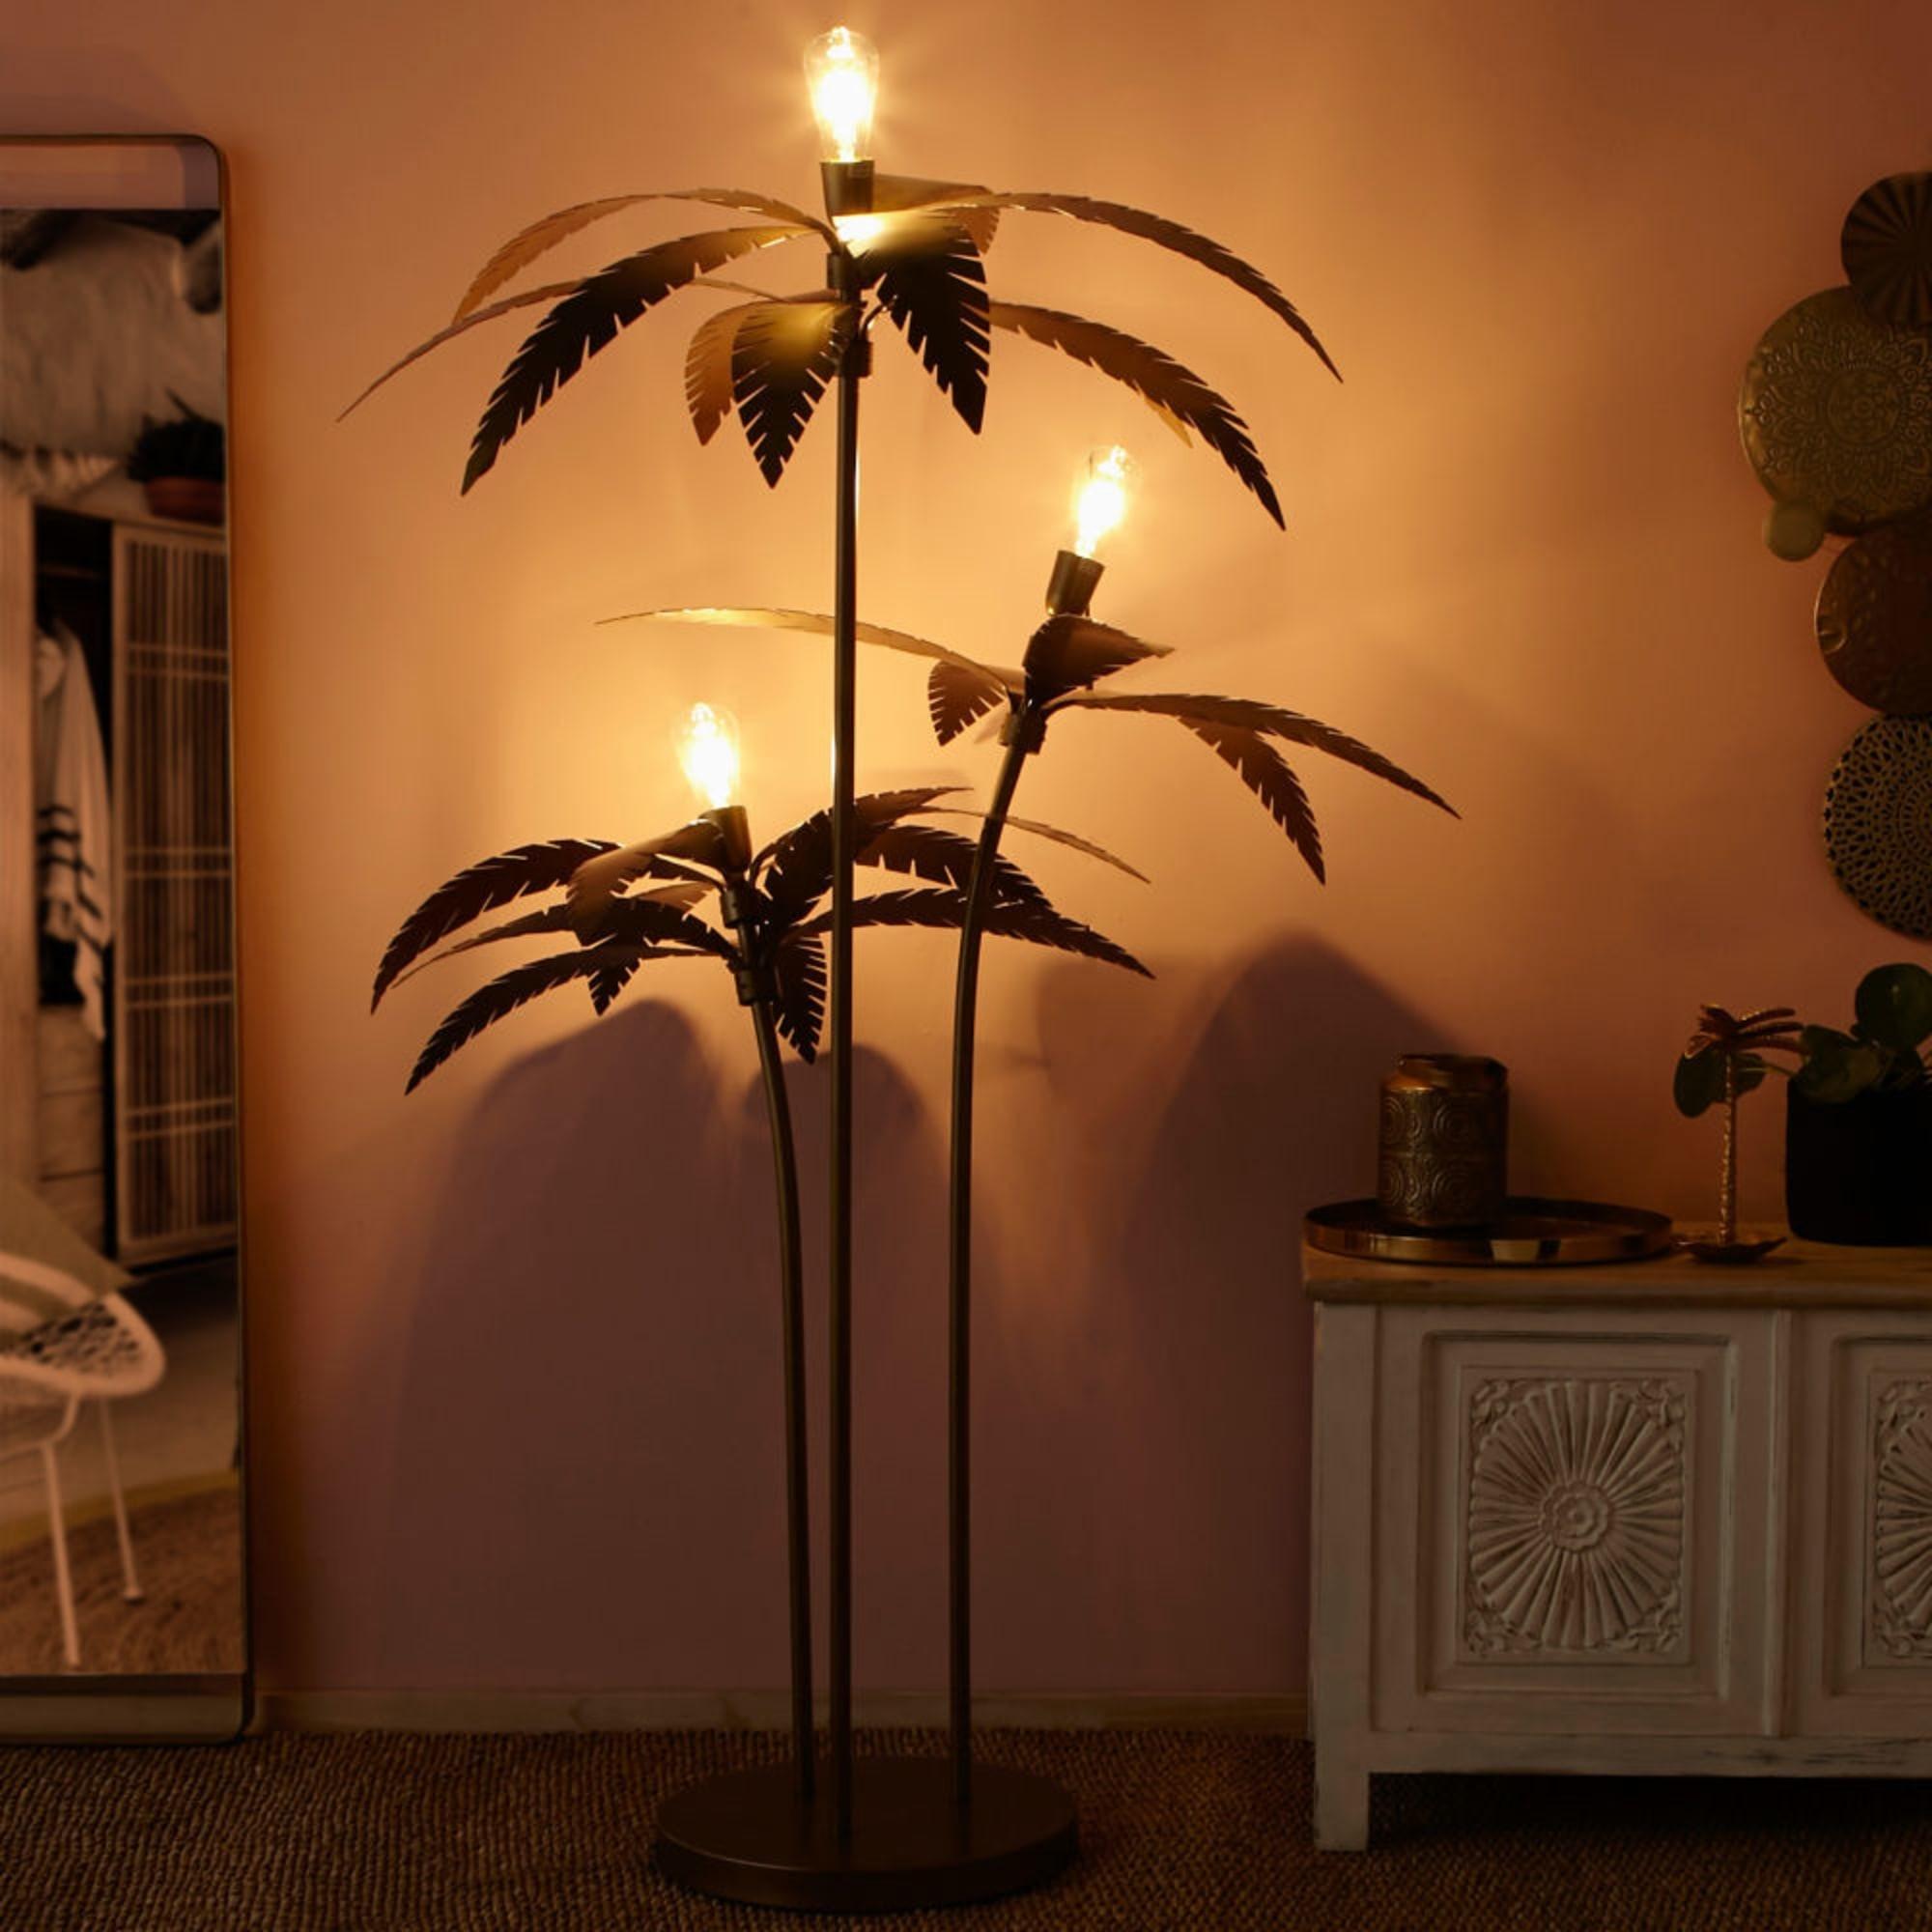 Đèn cây đứng Plamier hình cọ khi thắp sáng